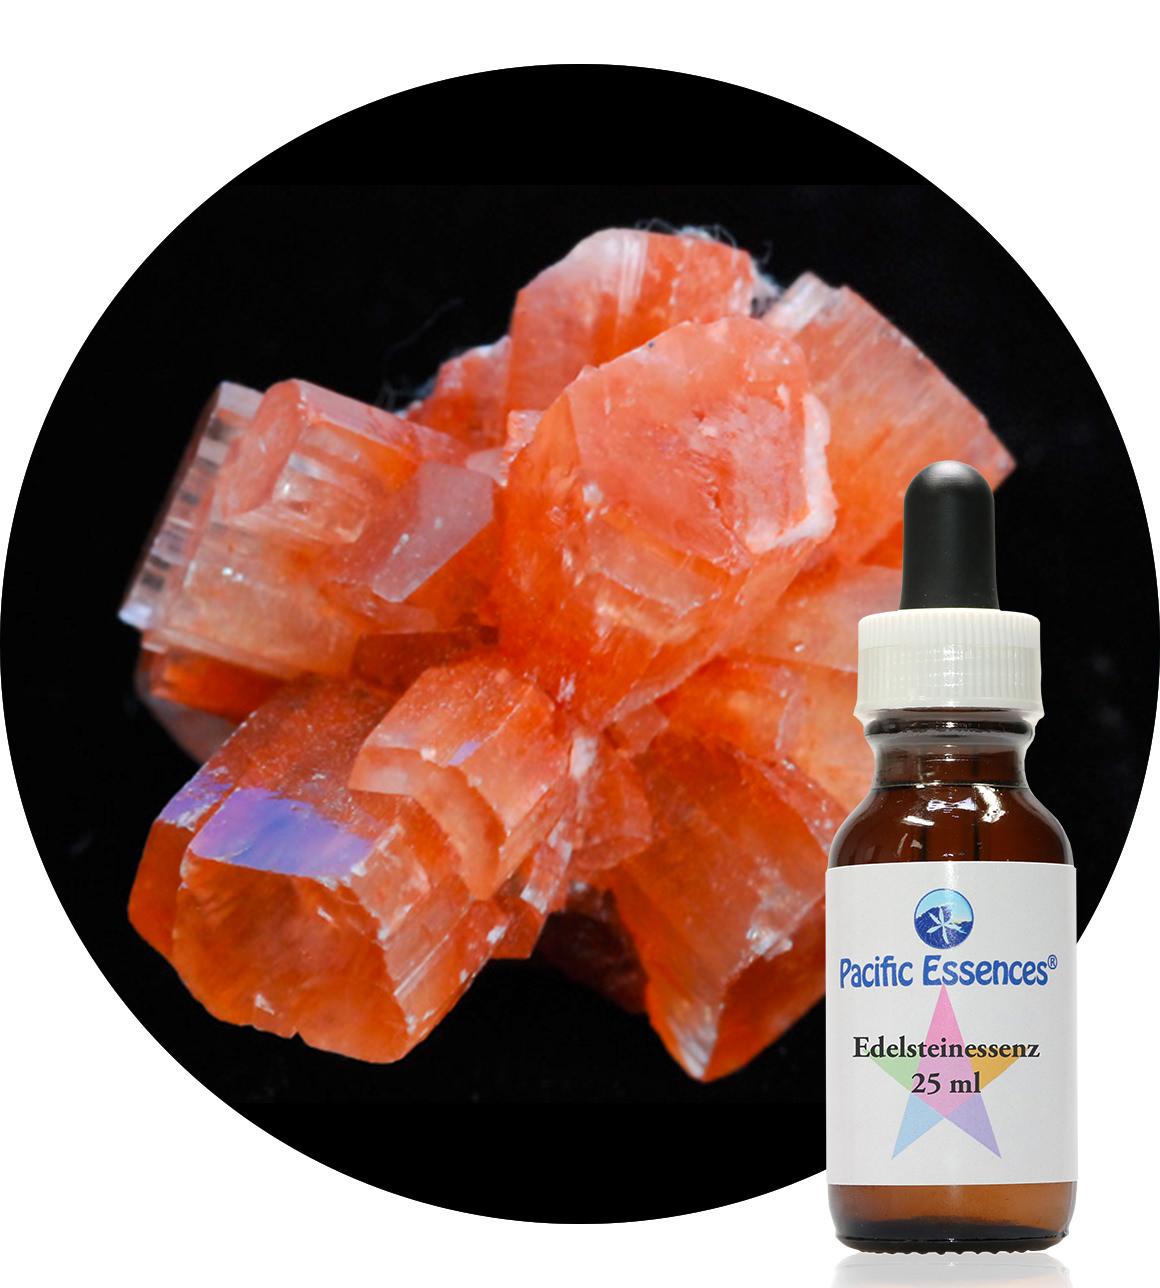 Aragonite (Pacific Essences)